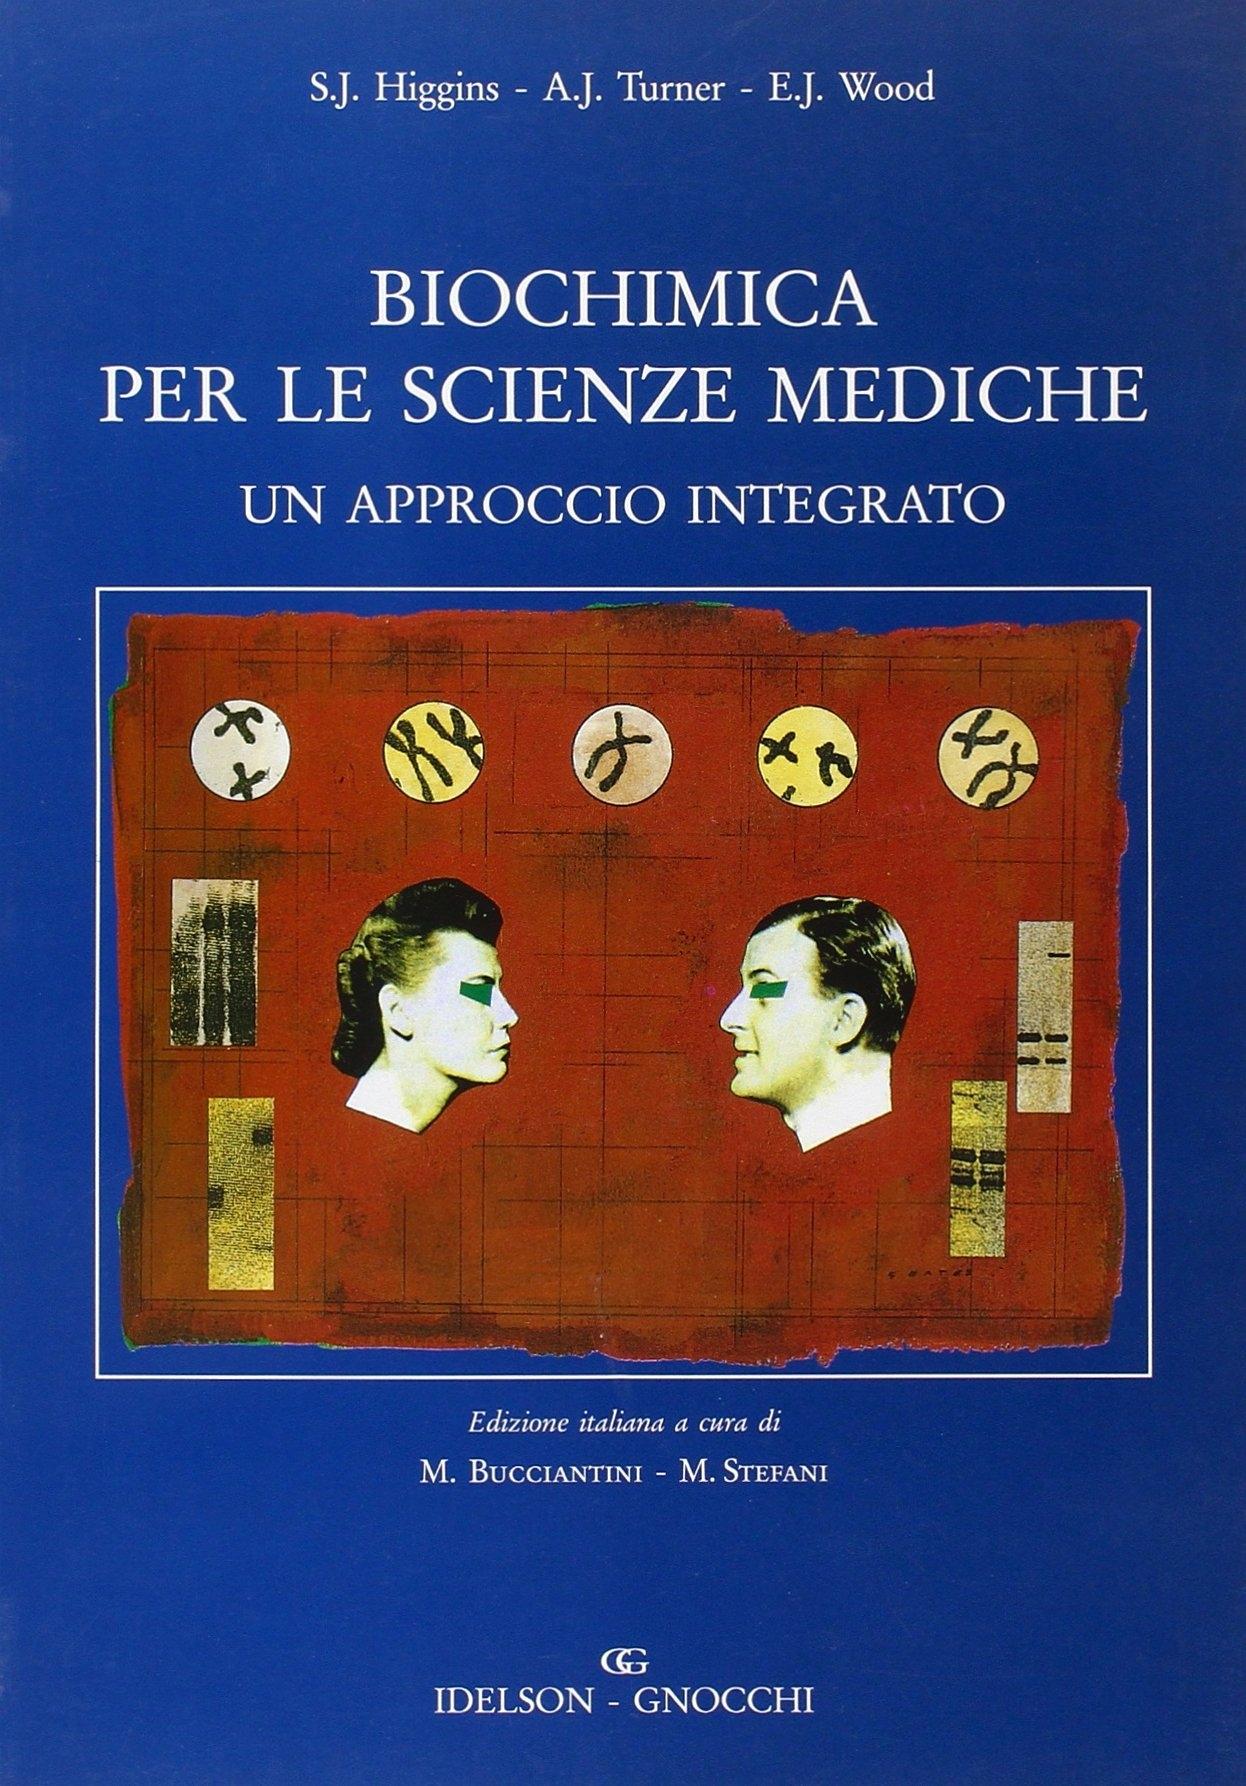 Biochimica per le scienze mediche. Un approccio integrato